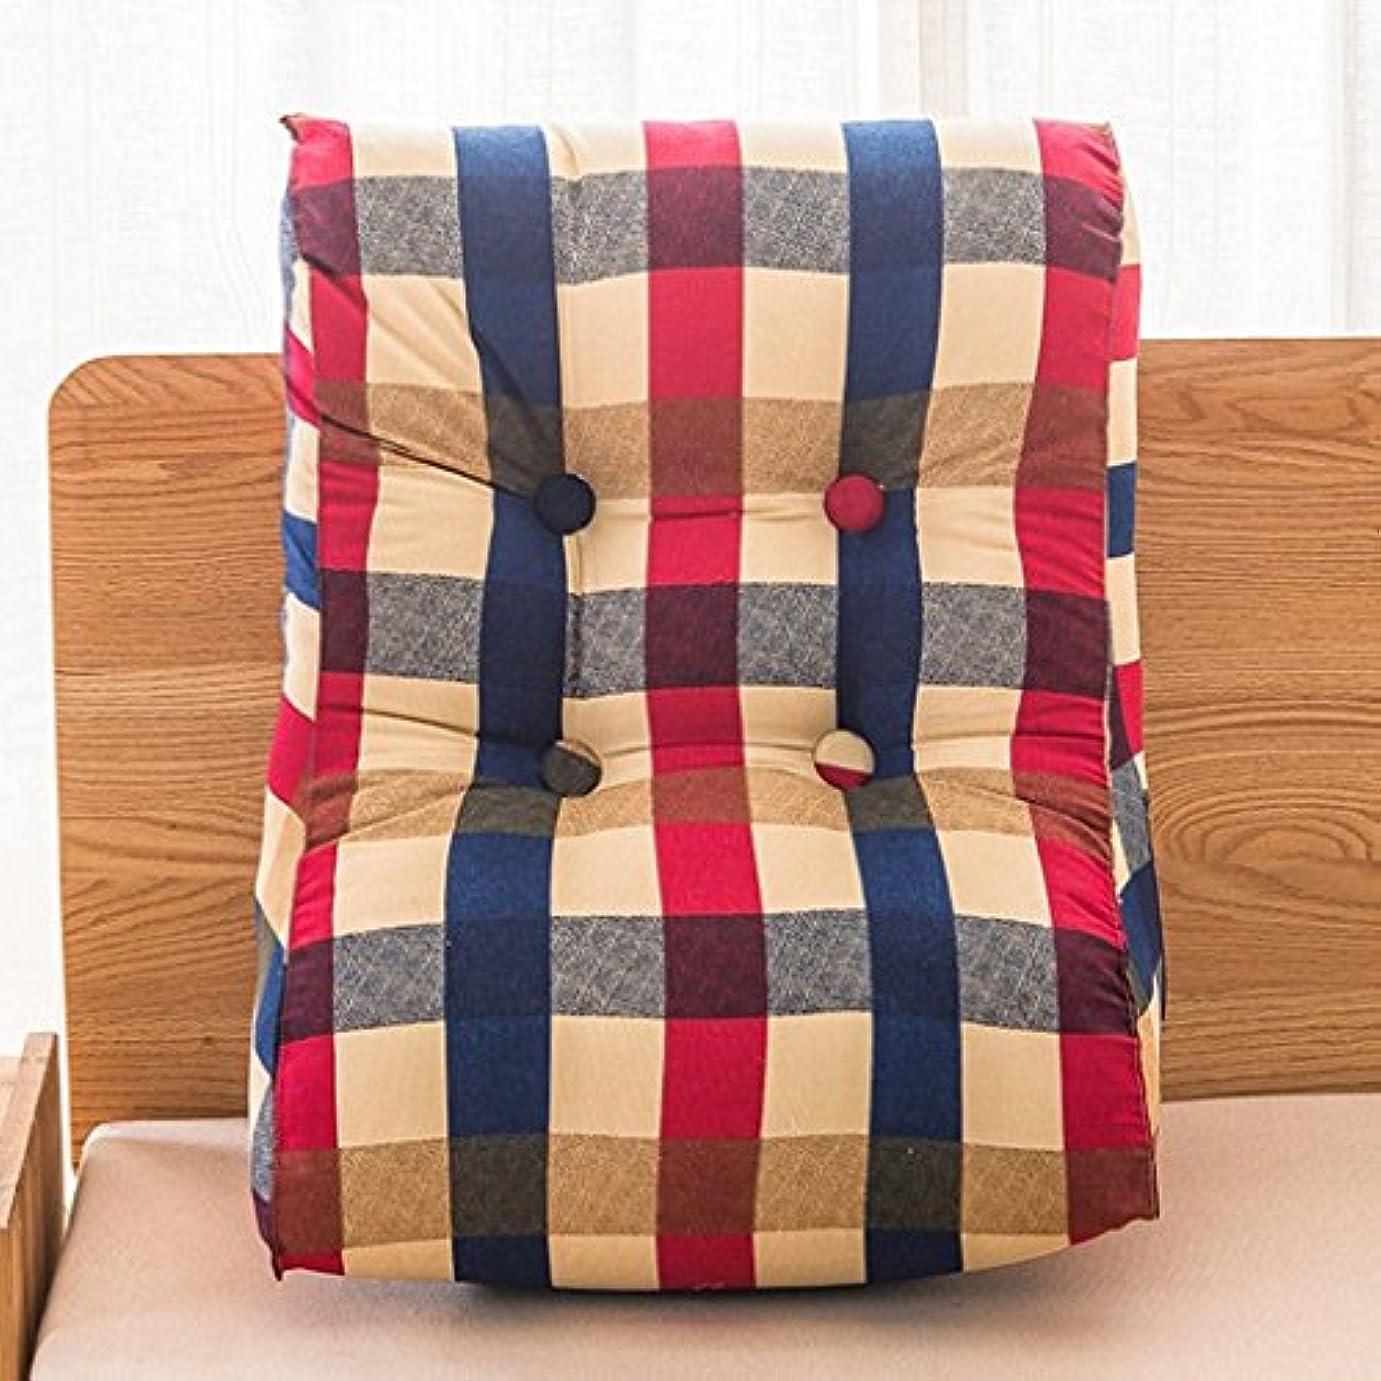 ヘアショップがっかりする18-AnyzhanTrade 三角形のソファーの前立て取り外し可能なベッドサイドの大きいあと振れ止めの枕クッション (Color : 3, サイズ : 45x55cm)